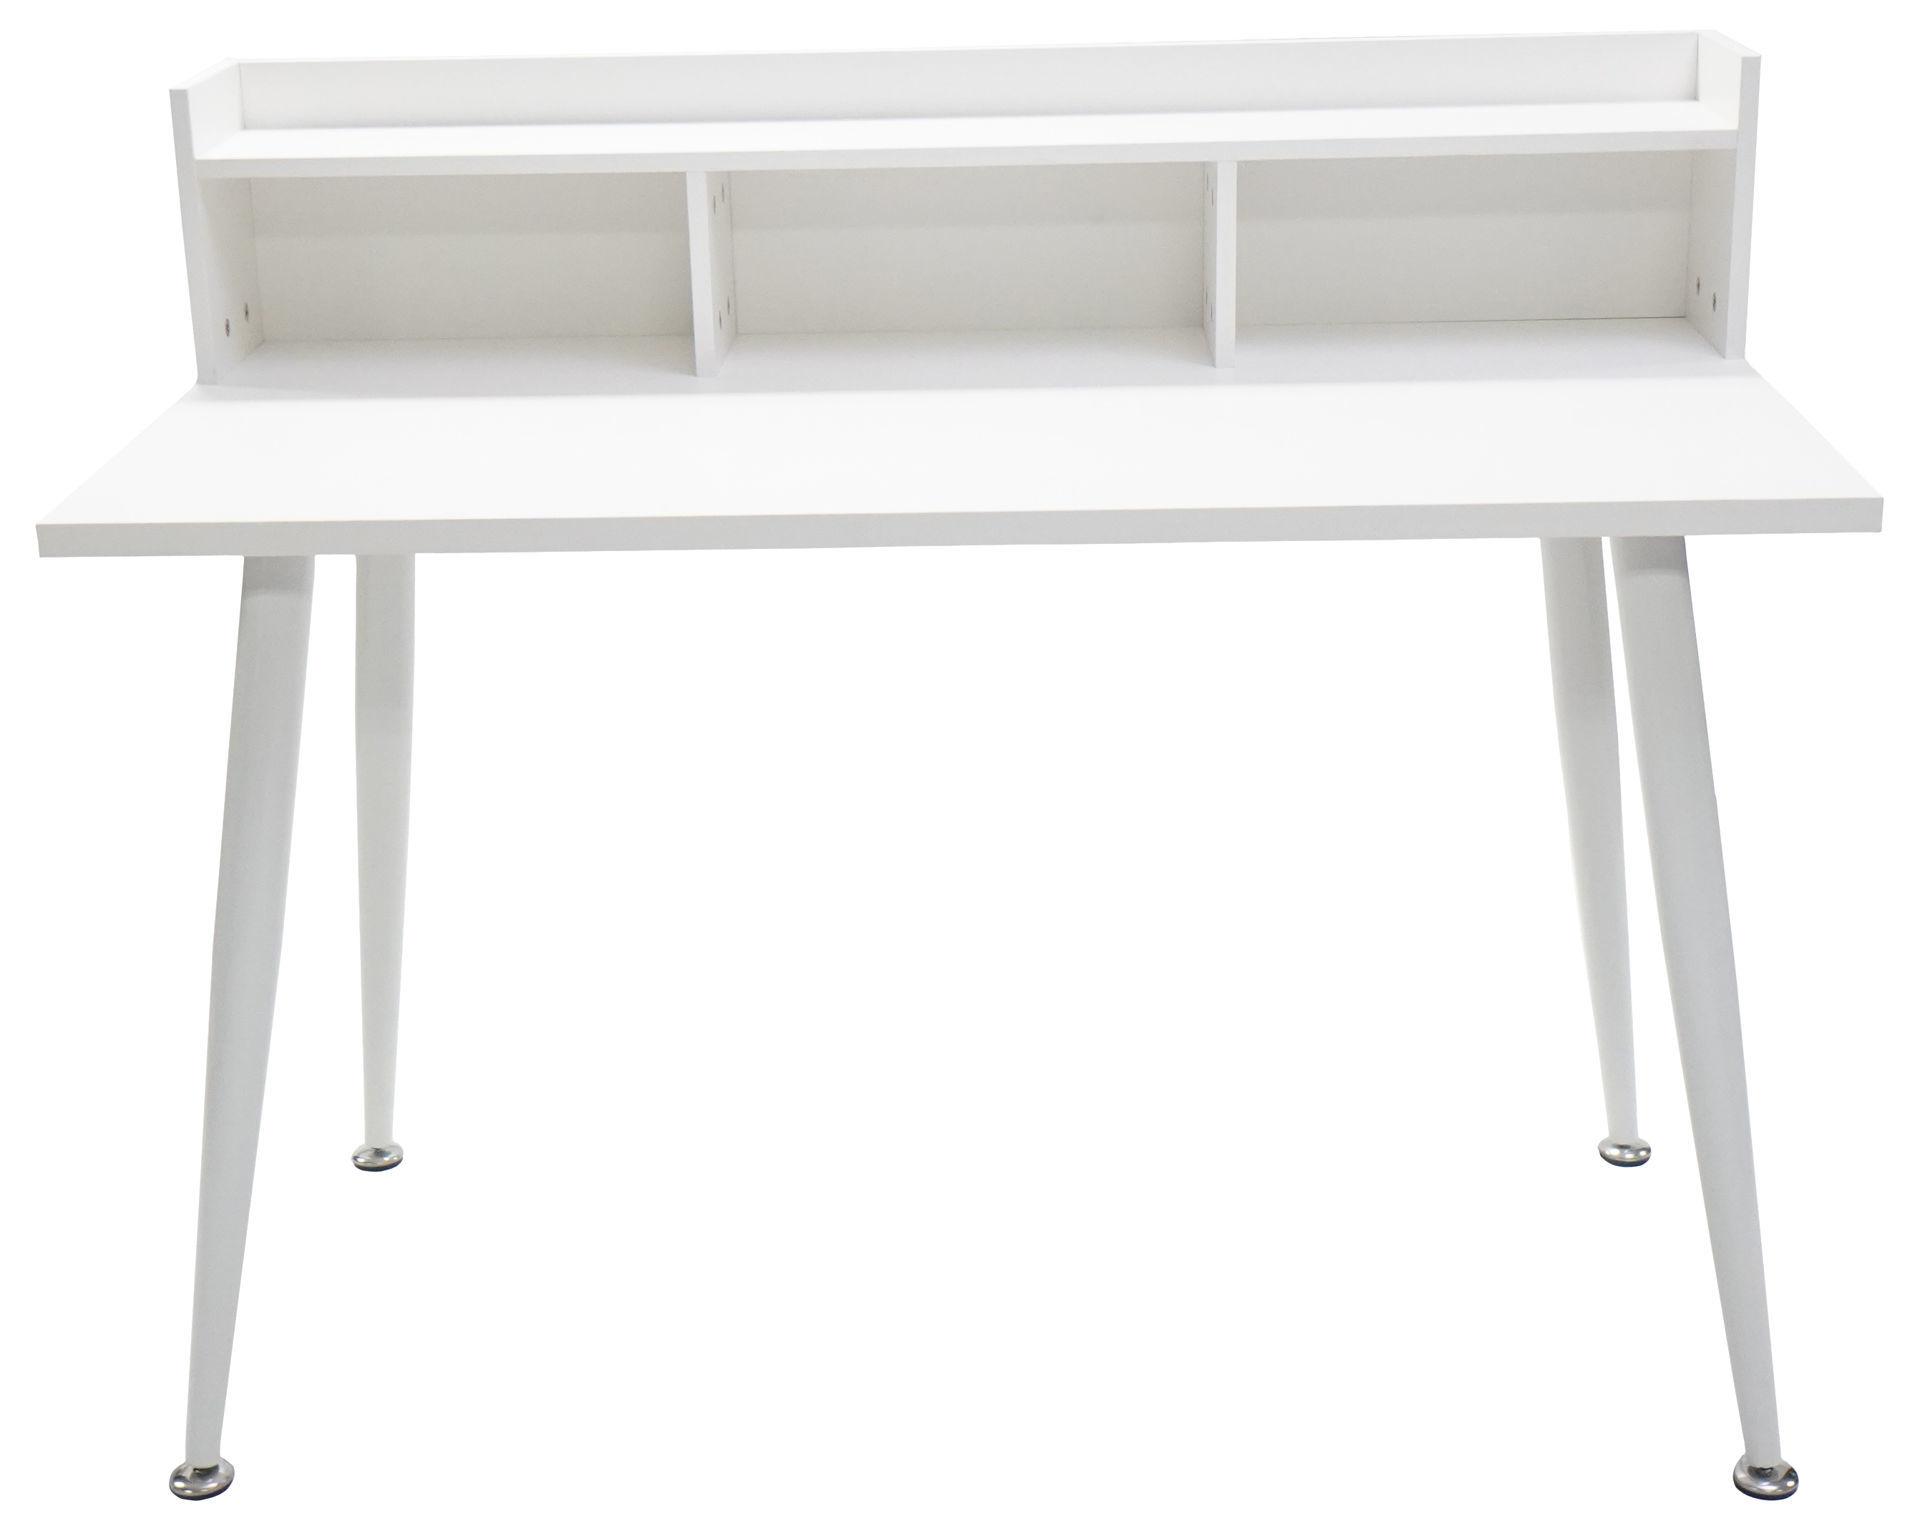 Picture of HX-009 Ulink 1200 x 600 Computer Desk w/Hutch - White